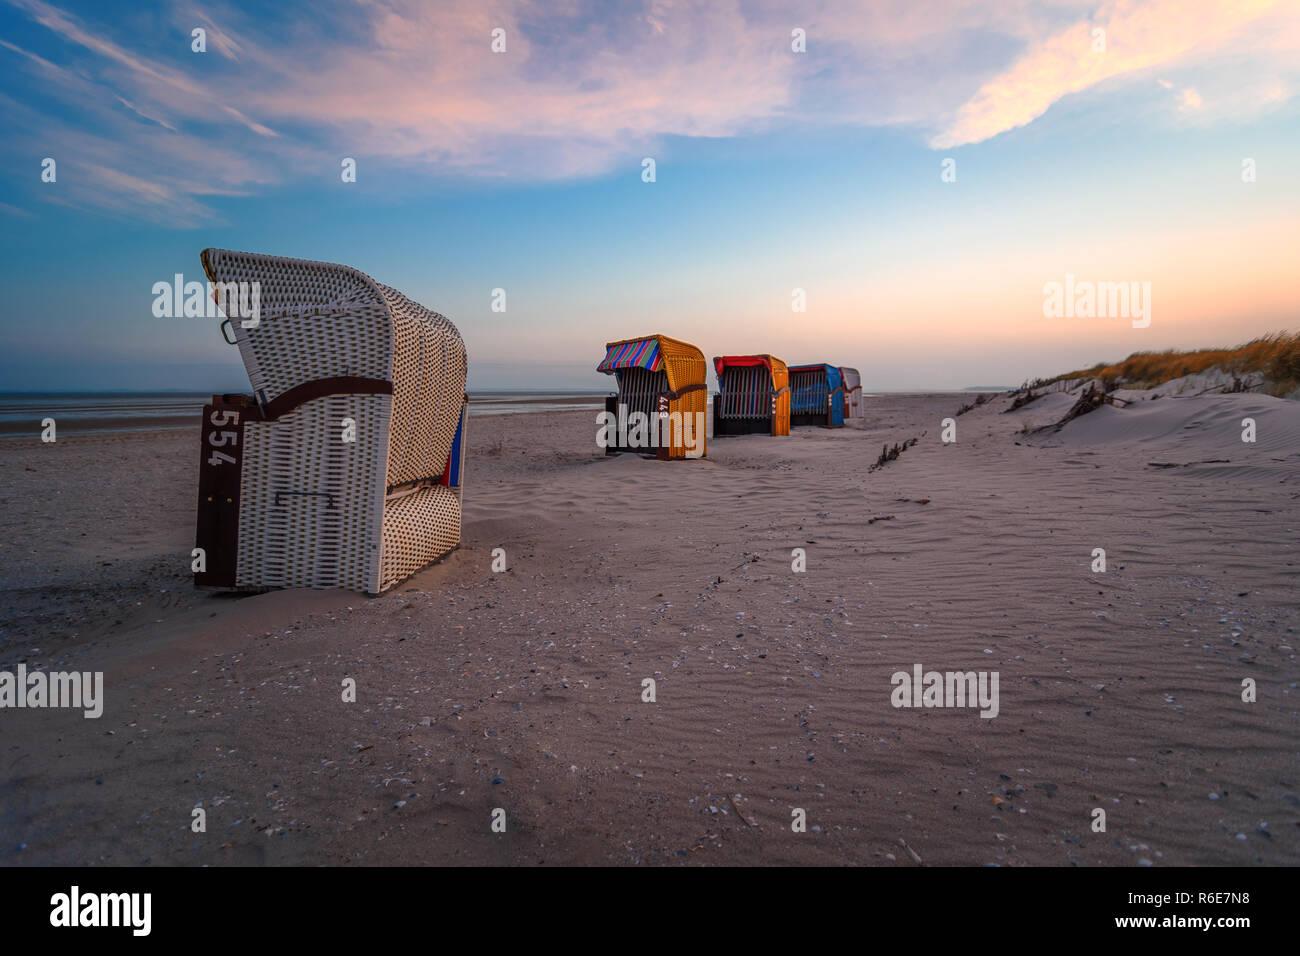 Strandkörbe im Sonnenuntergang unter blauem Himmel - Stock Image